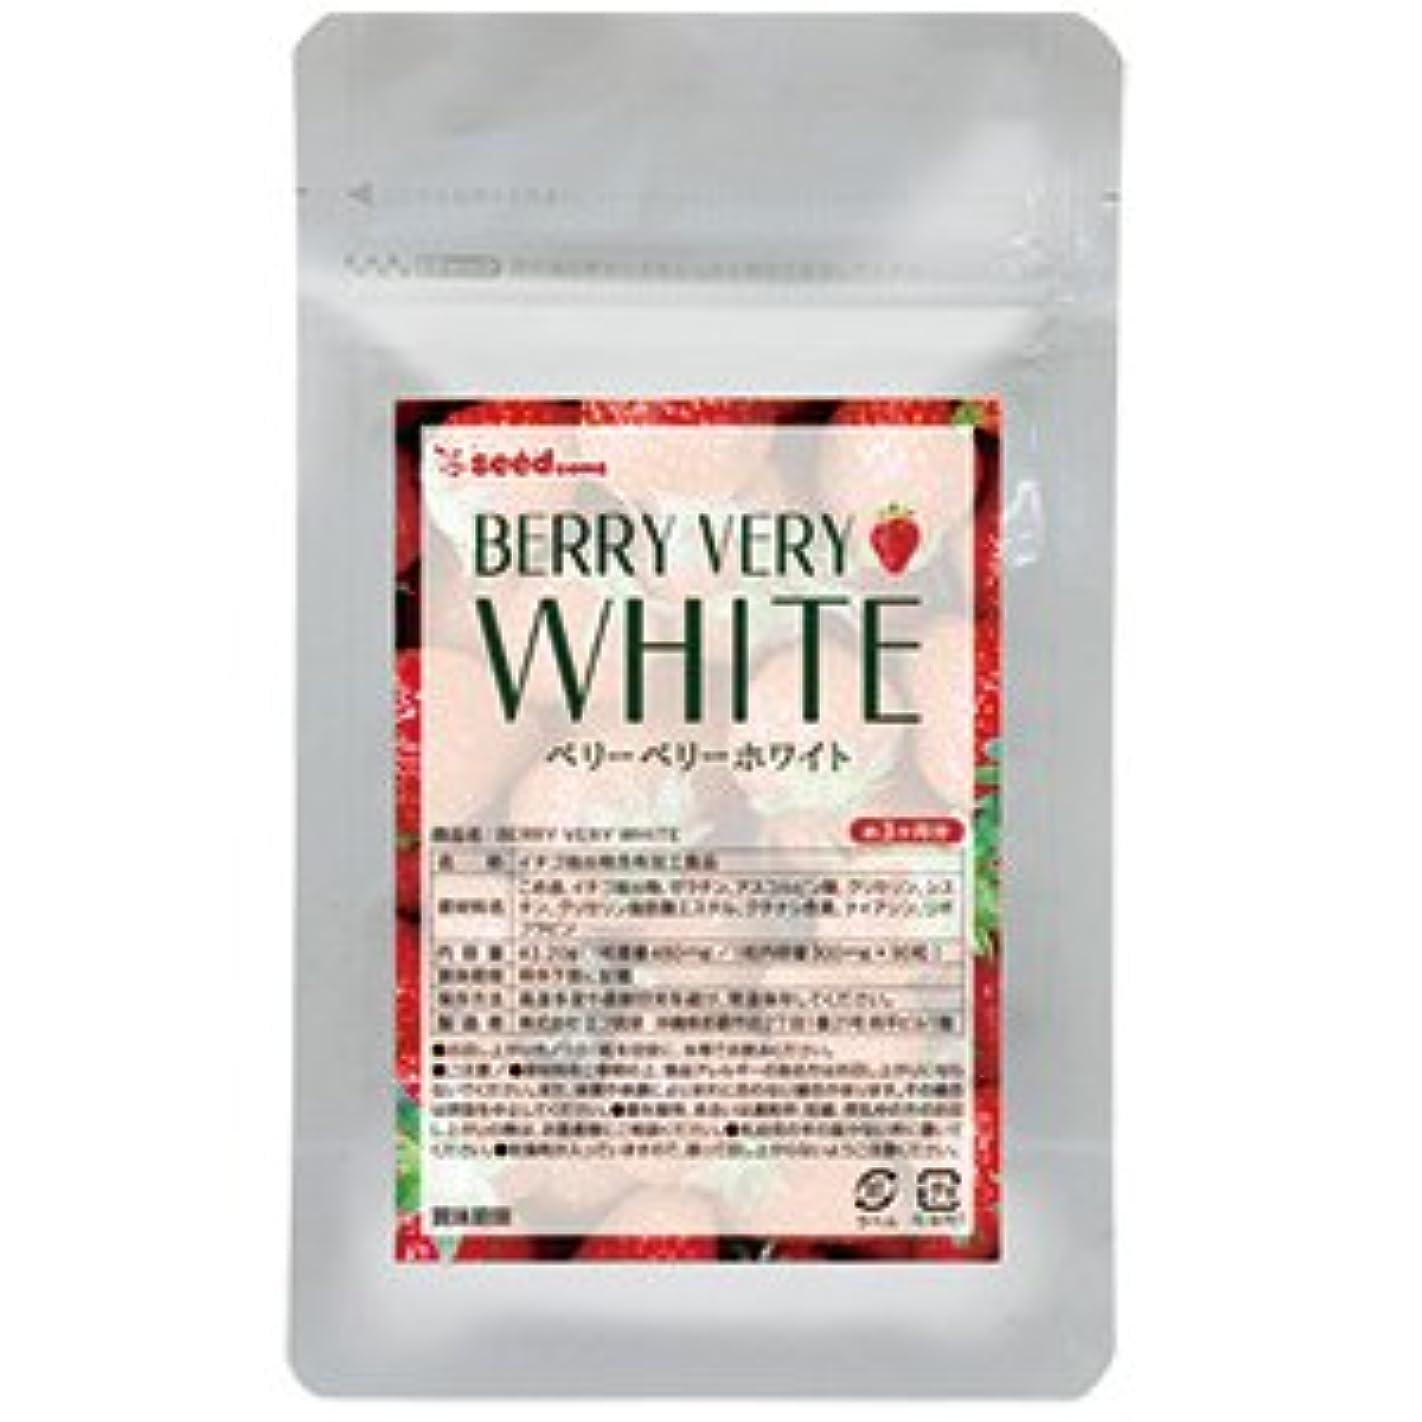 減衰受賞弱まるBERRY VERY WHITE ベリーベリーホワイト (約1ケ月分) 真っ赤ないちごのポリフェノールとビタミンC、アスコルビン酸、シスチン、ナイアシン、リボフラビンで透明感UP!!